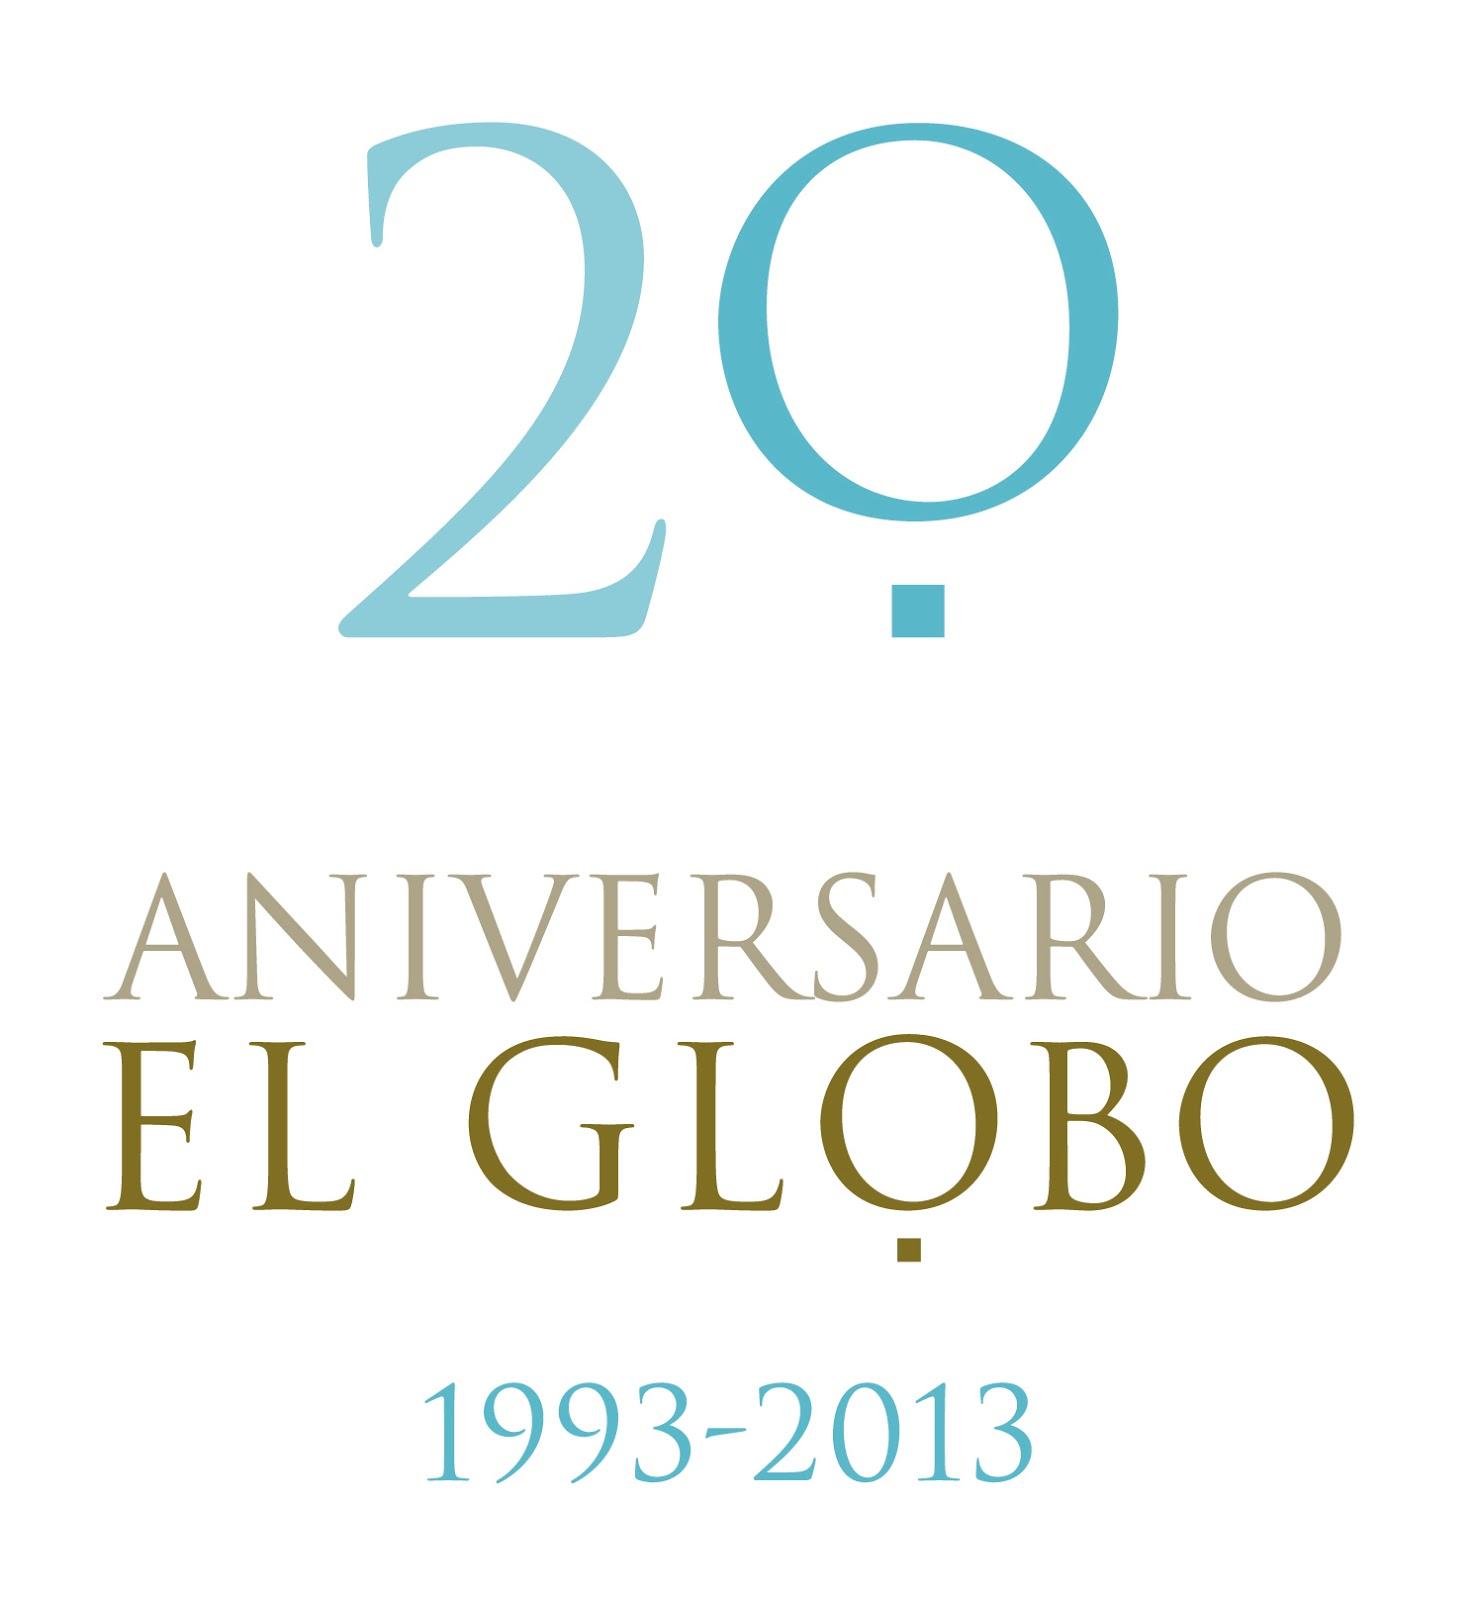 El globo muebles mayo 2013 - El globo muebles madrid ...